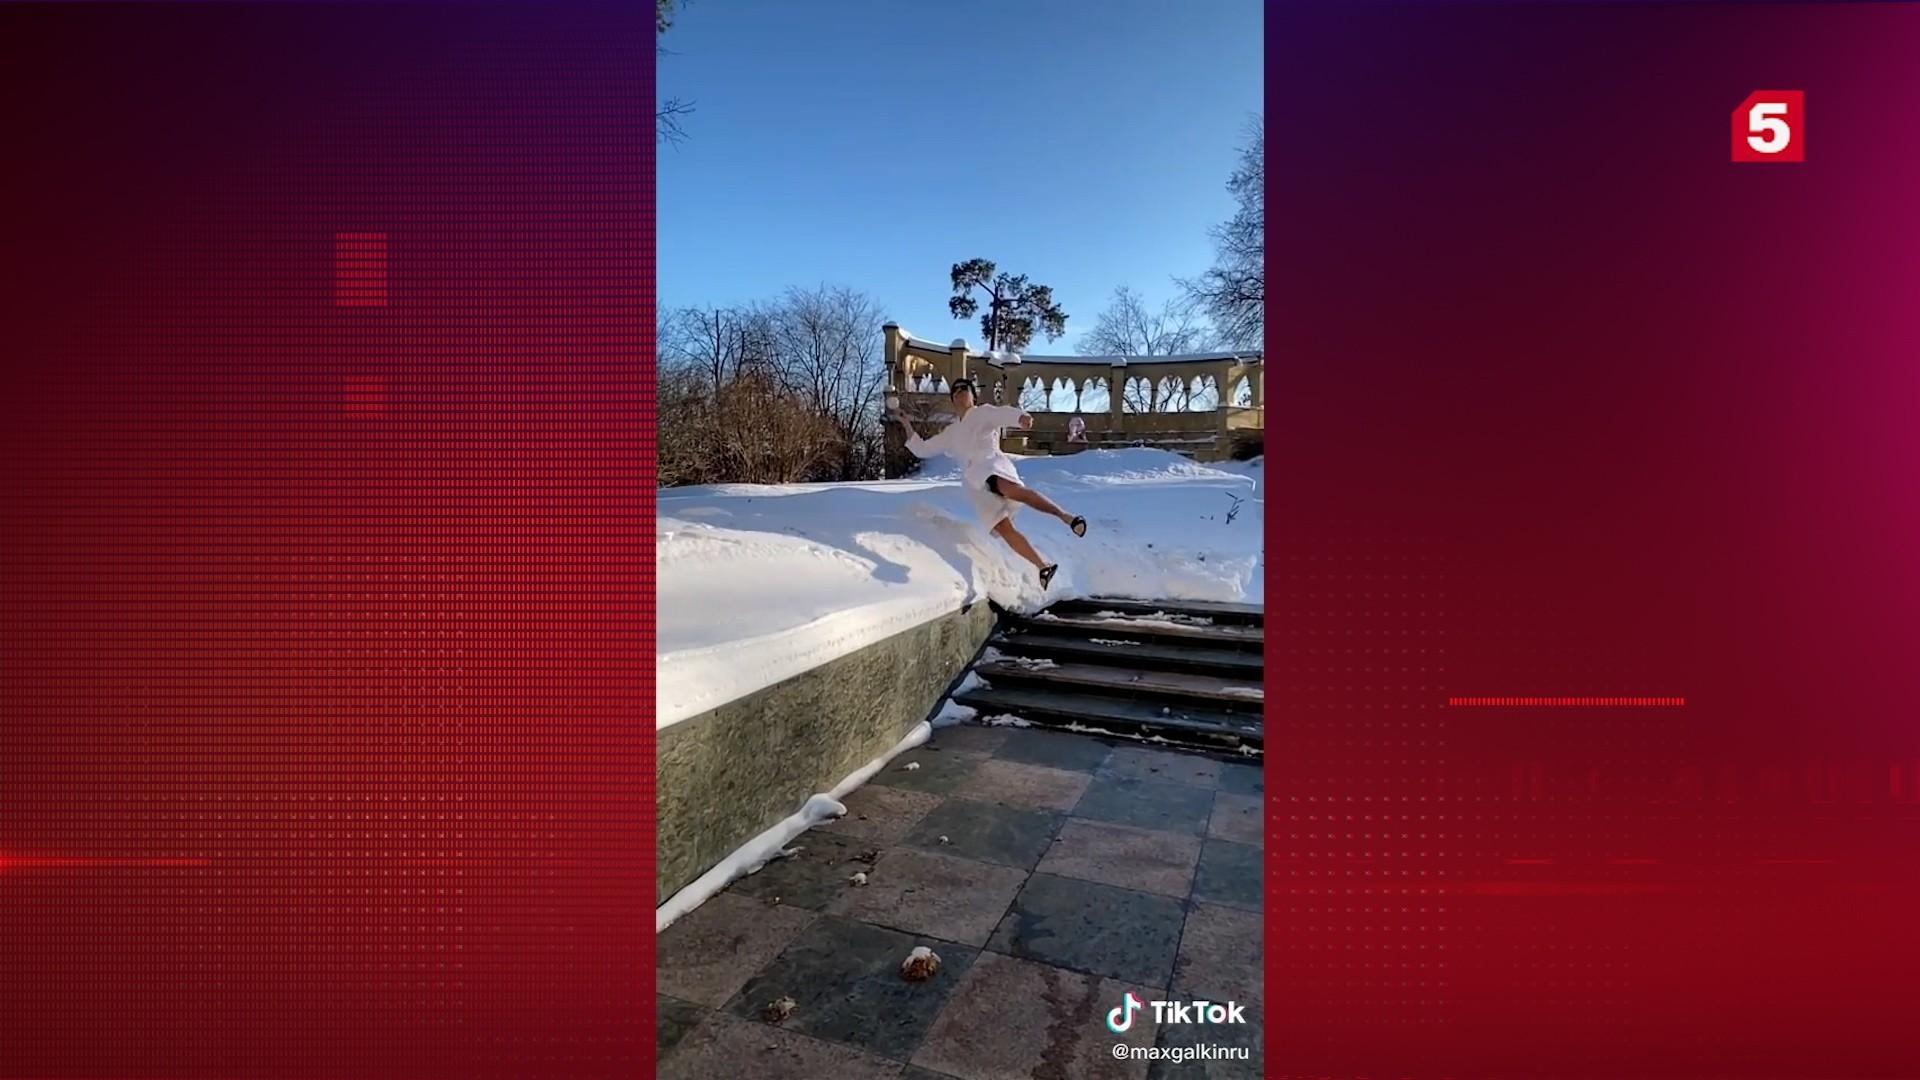 Сугробы по самый мозг: Галкин в халате нырнул в снег возле семейного замка